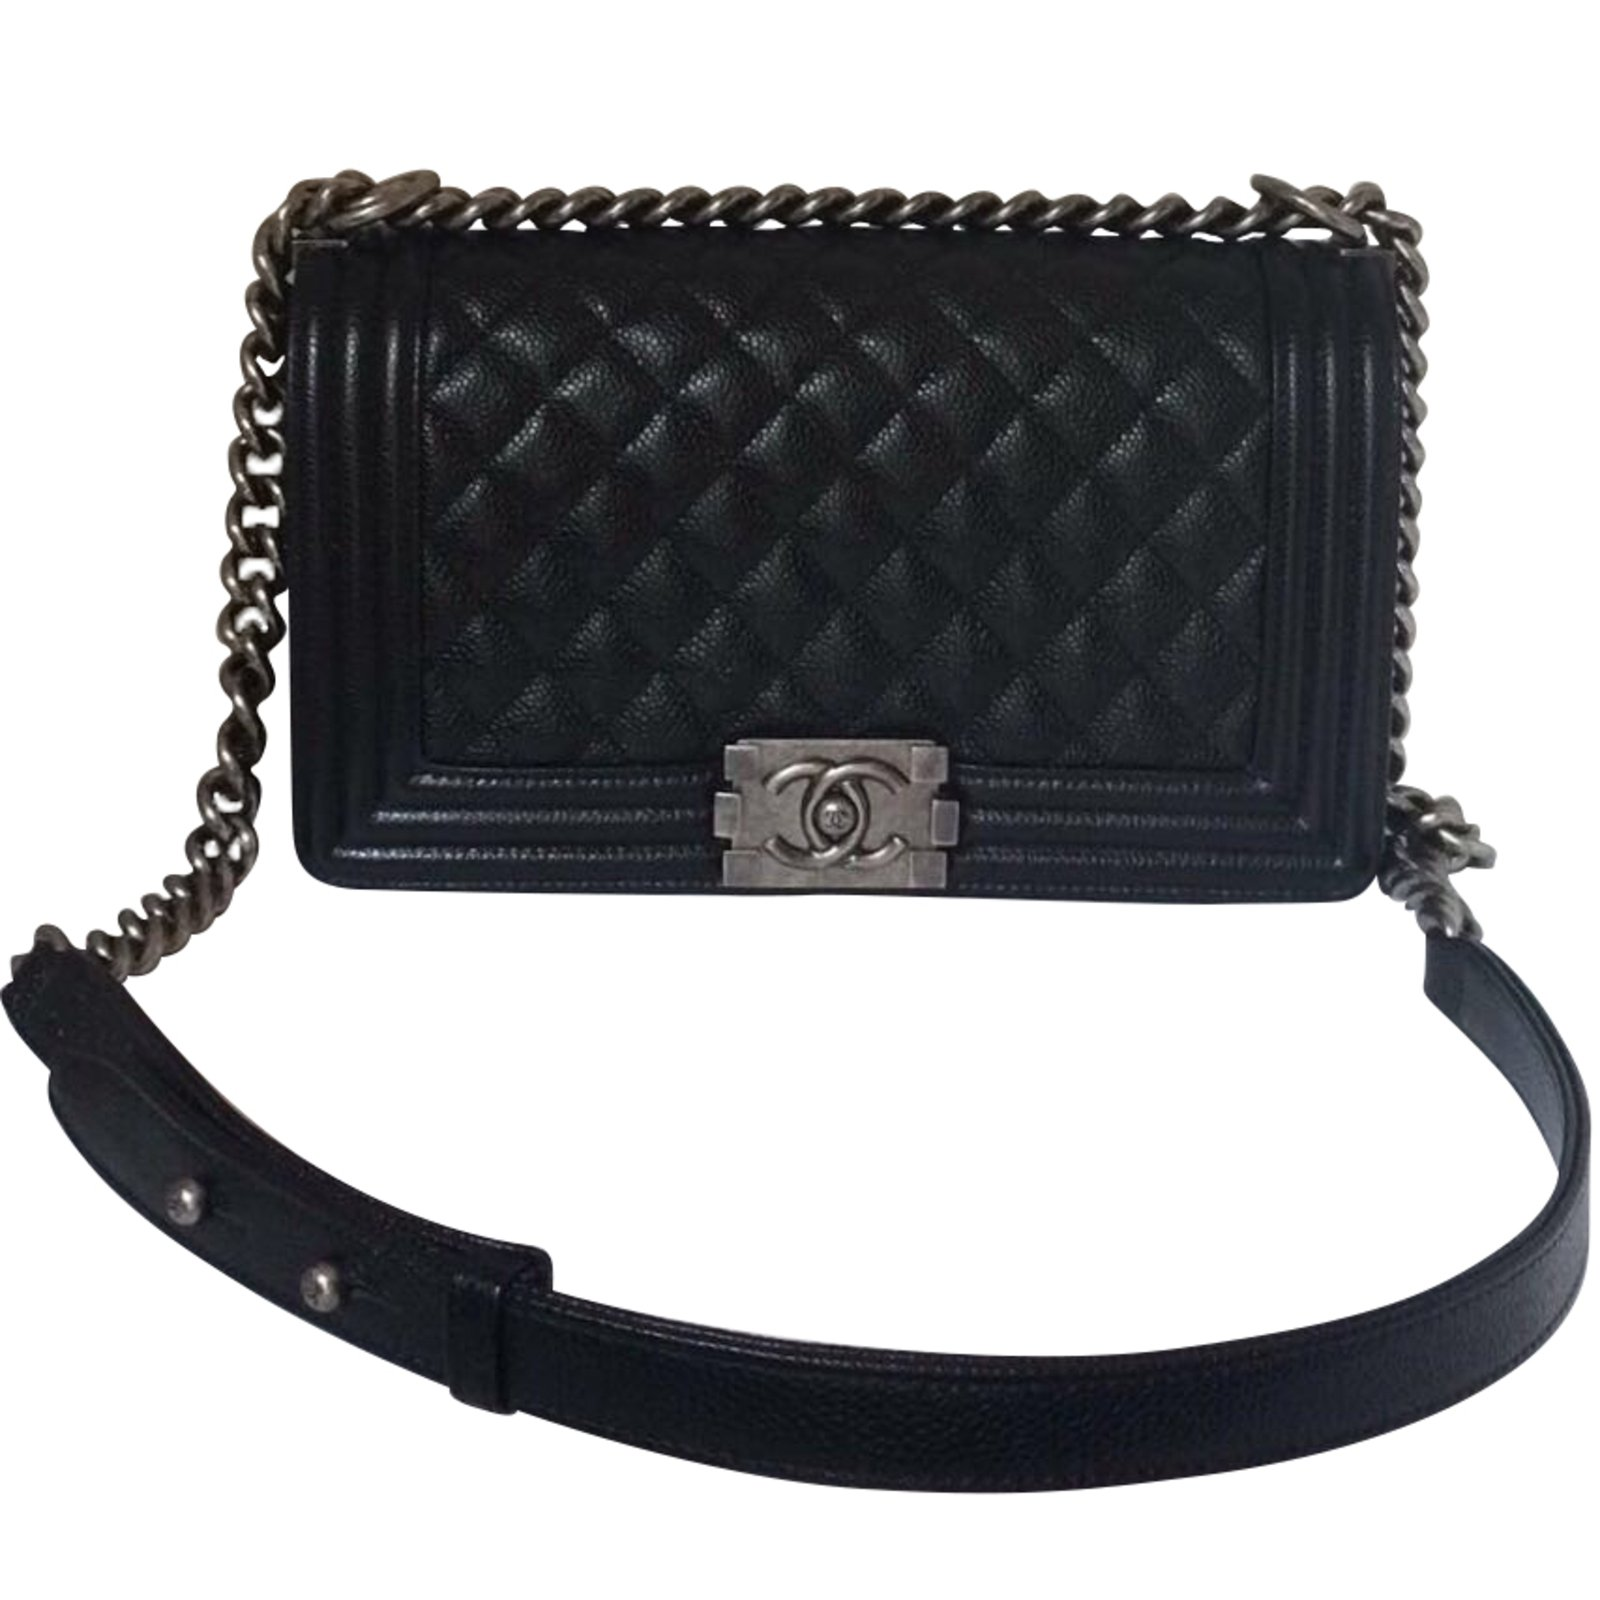 leather p v bag com handbags bluefly quilt minardi quilted shoulder width lisa